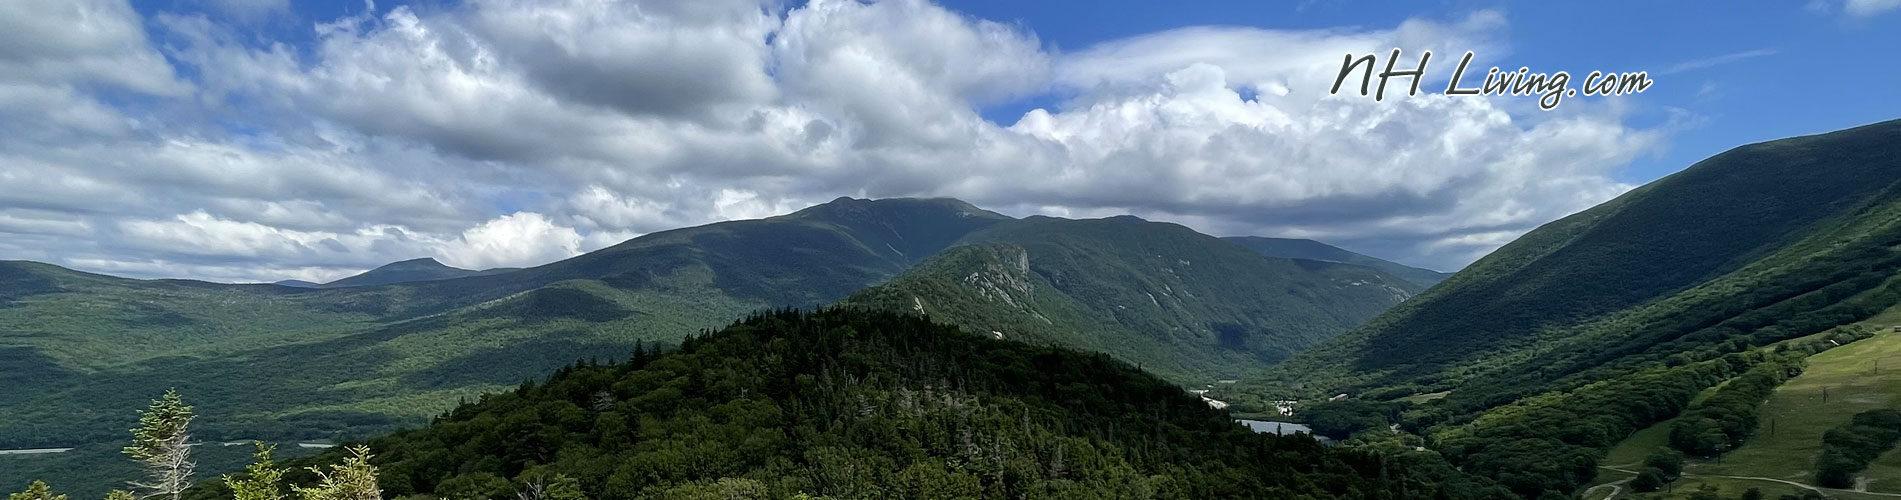 NH Vacations Franconia Notch New Hampshire Vacation Homes Rentals Real Estate